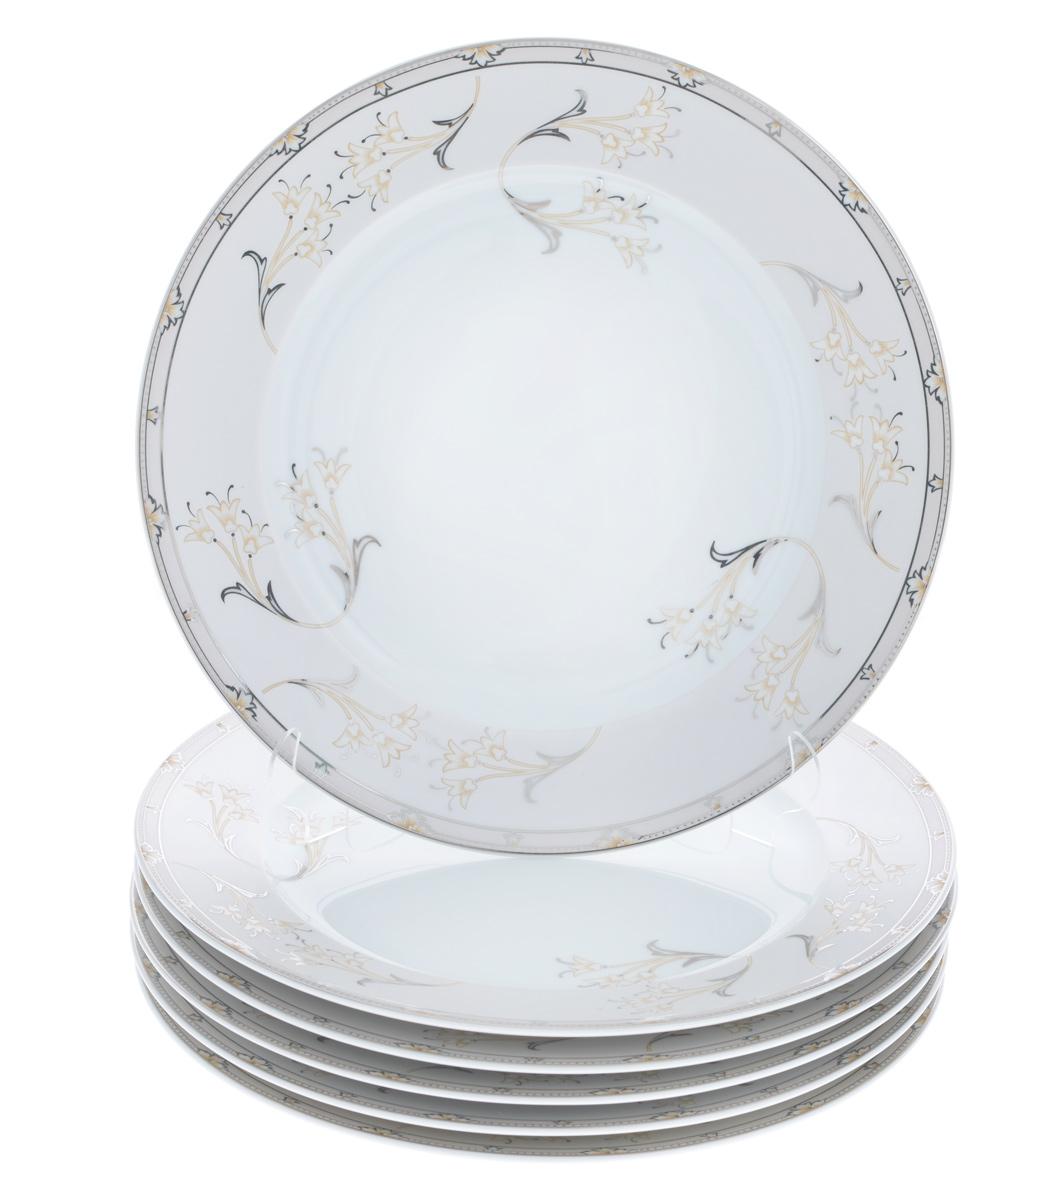 Набор тарелок La Rose Des Sables Mimosa, диаметр 25 см, 6 шт115510Набор La Rose Des Sables Mimosa, выполненный из высококачественного фарфора, состоит из шести тарелок. Изделия декорированы оригинальным цветочным узором и прекрасно подойдут для красивой сервировки стола. Эстетичность, функциональность и изящный дизайн сделают набор достойным дополнением к вашему кухонному инвентарю. Набор тарелок La Rose Des Sables Mimosa украсит ваш стол и станет отличным подарком к любому празднику. Диаметр тарелки: 25 см. Высота тарелки: 2,5 см.